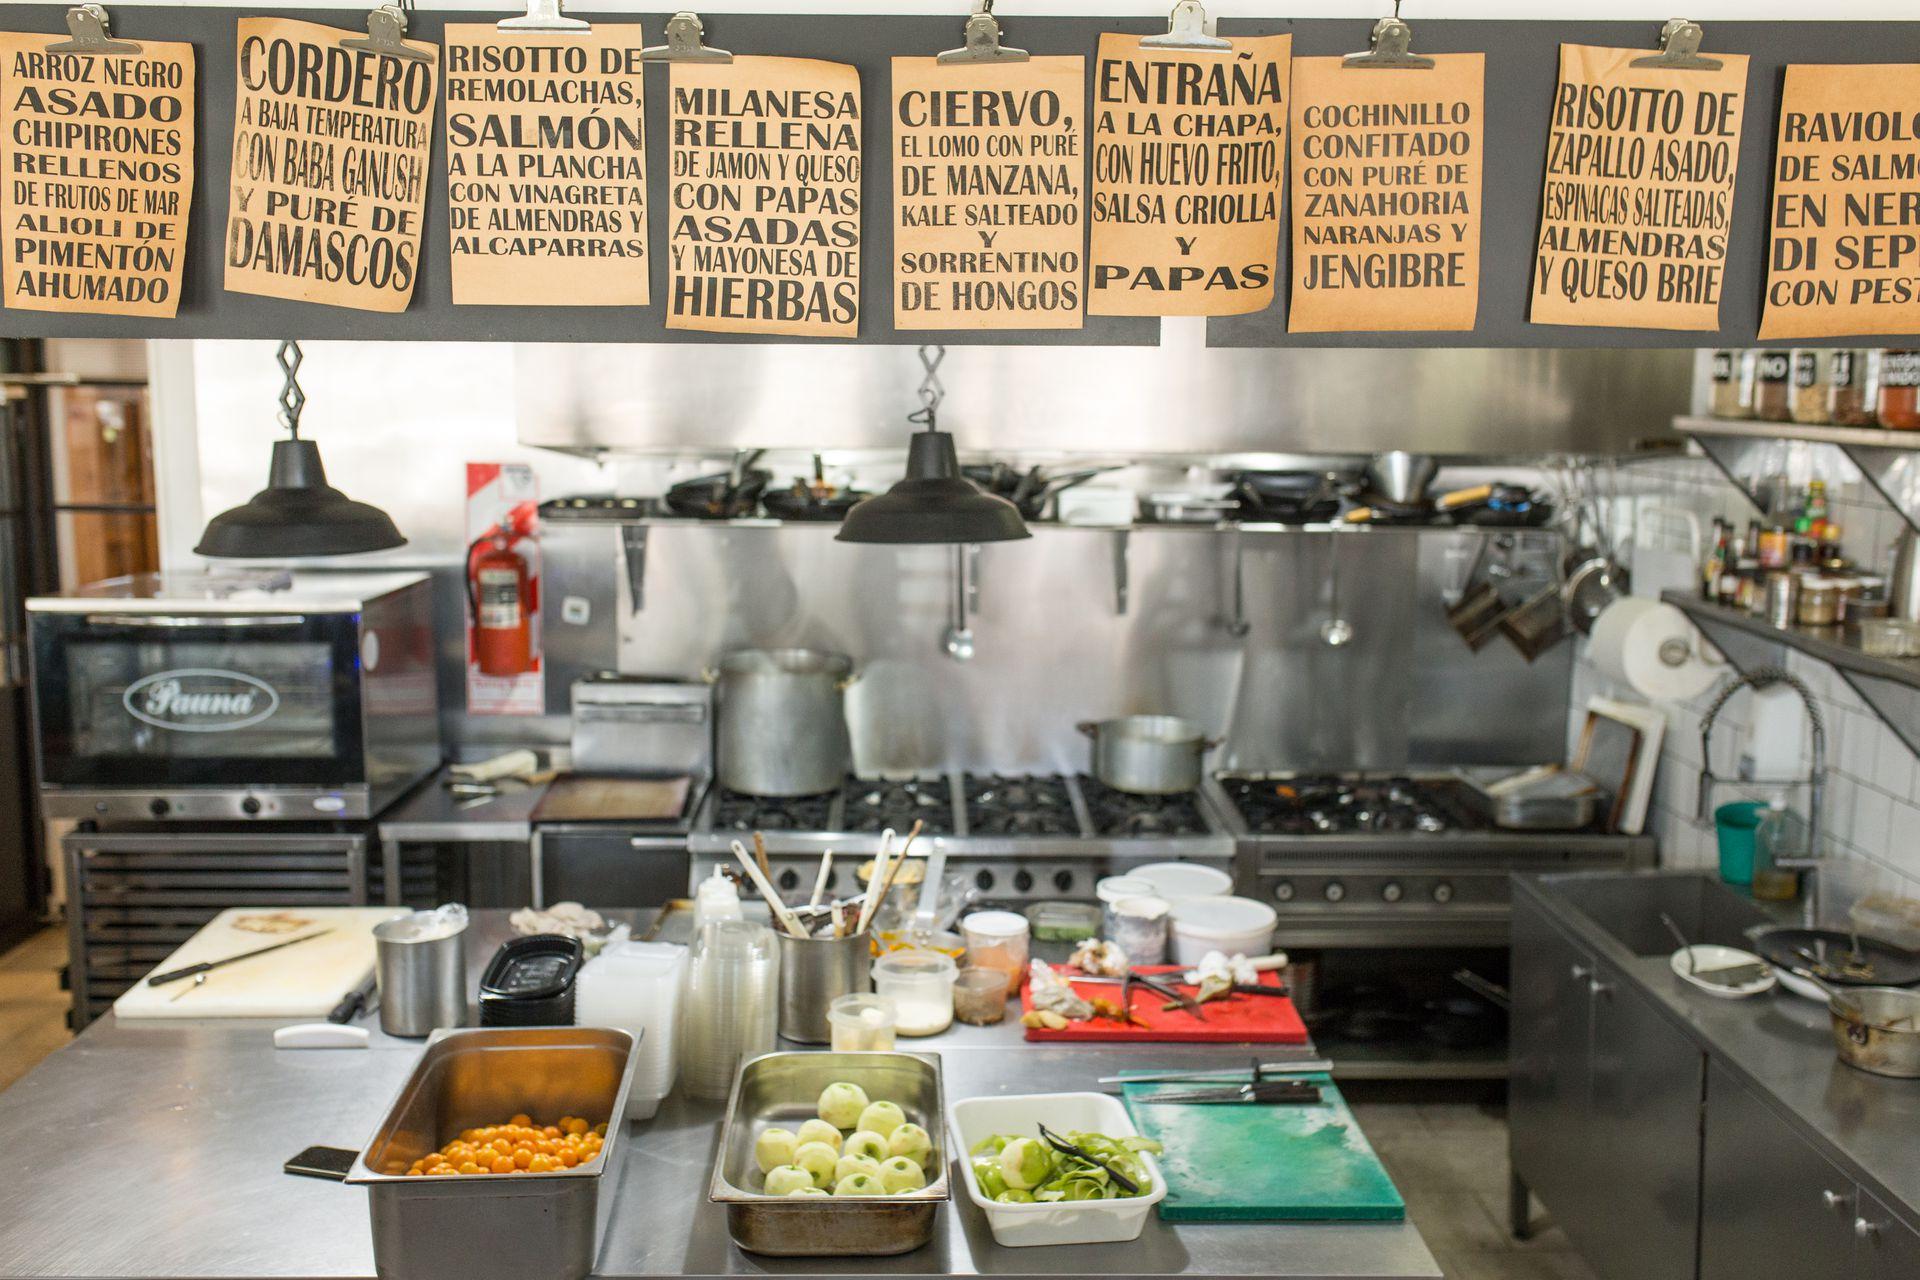 La cocina de Abrebocas.